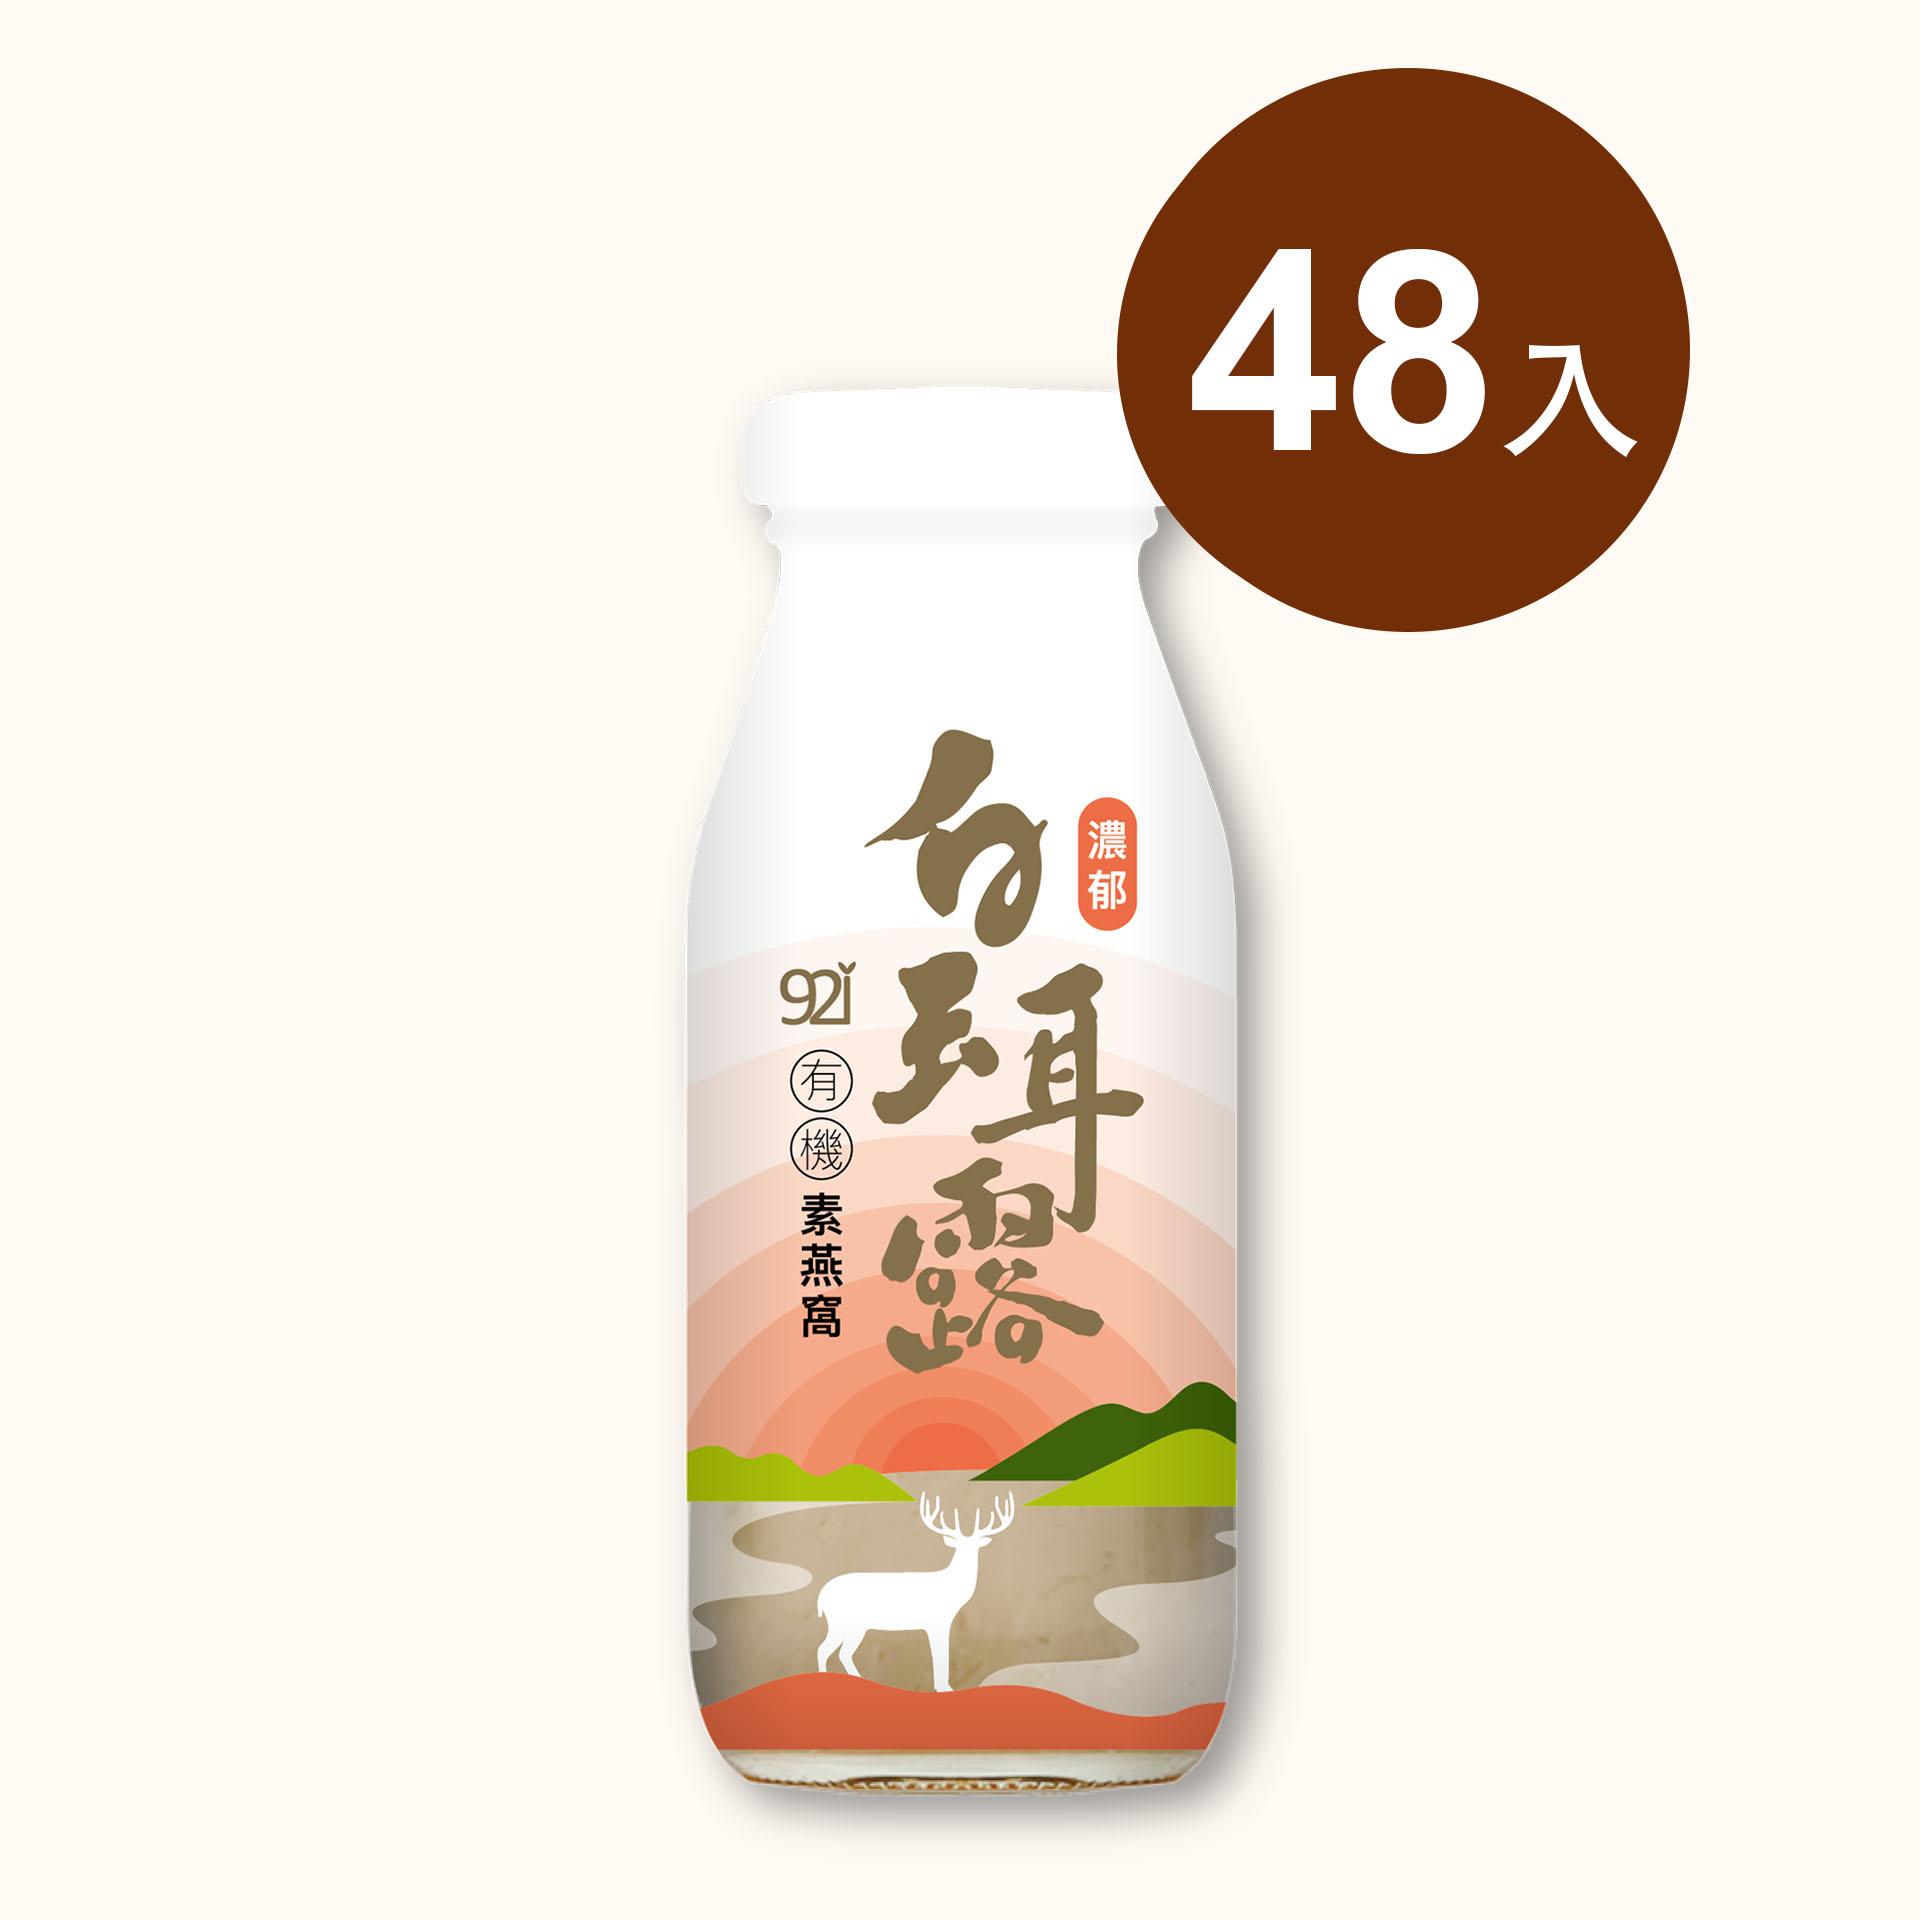 山間好物有機白玉耳露(濃郁)48瓶